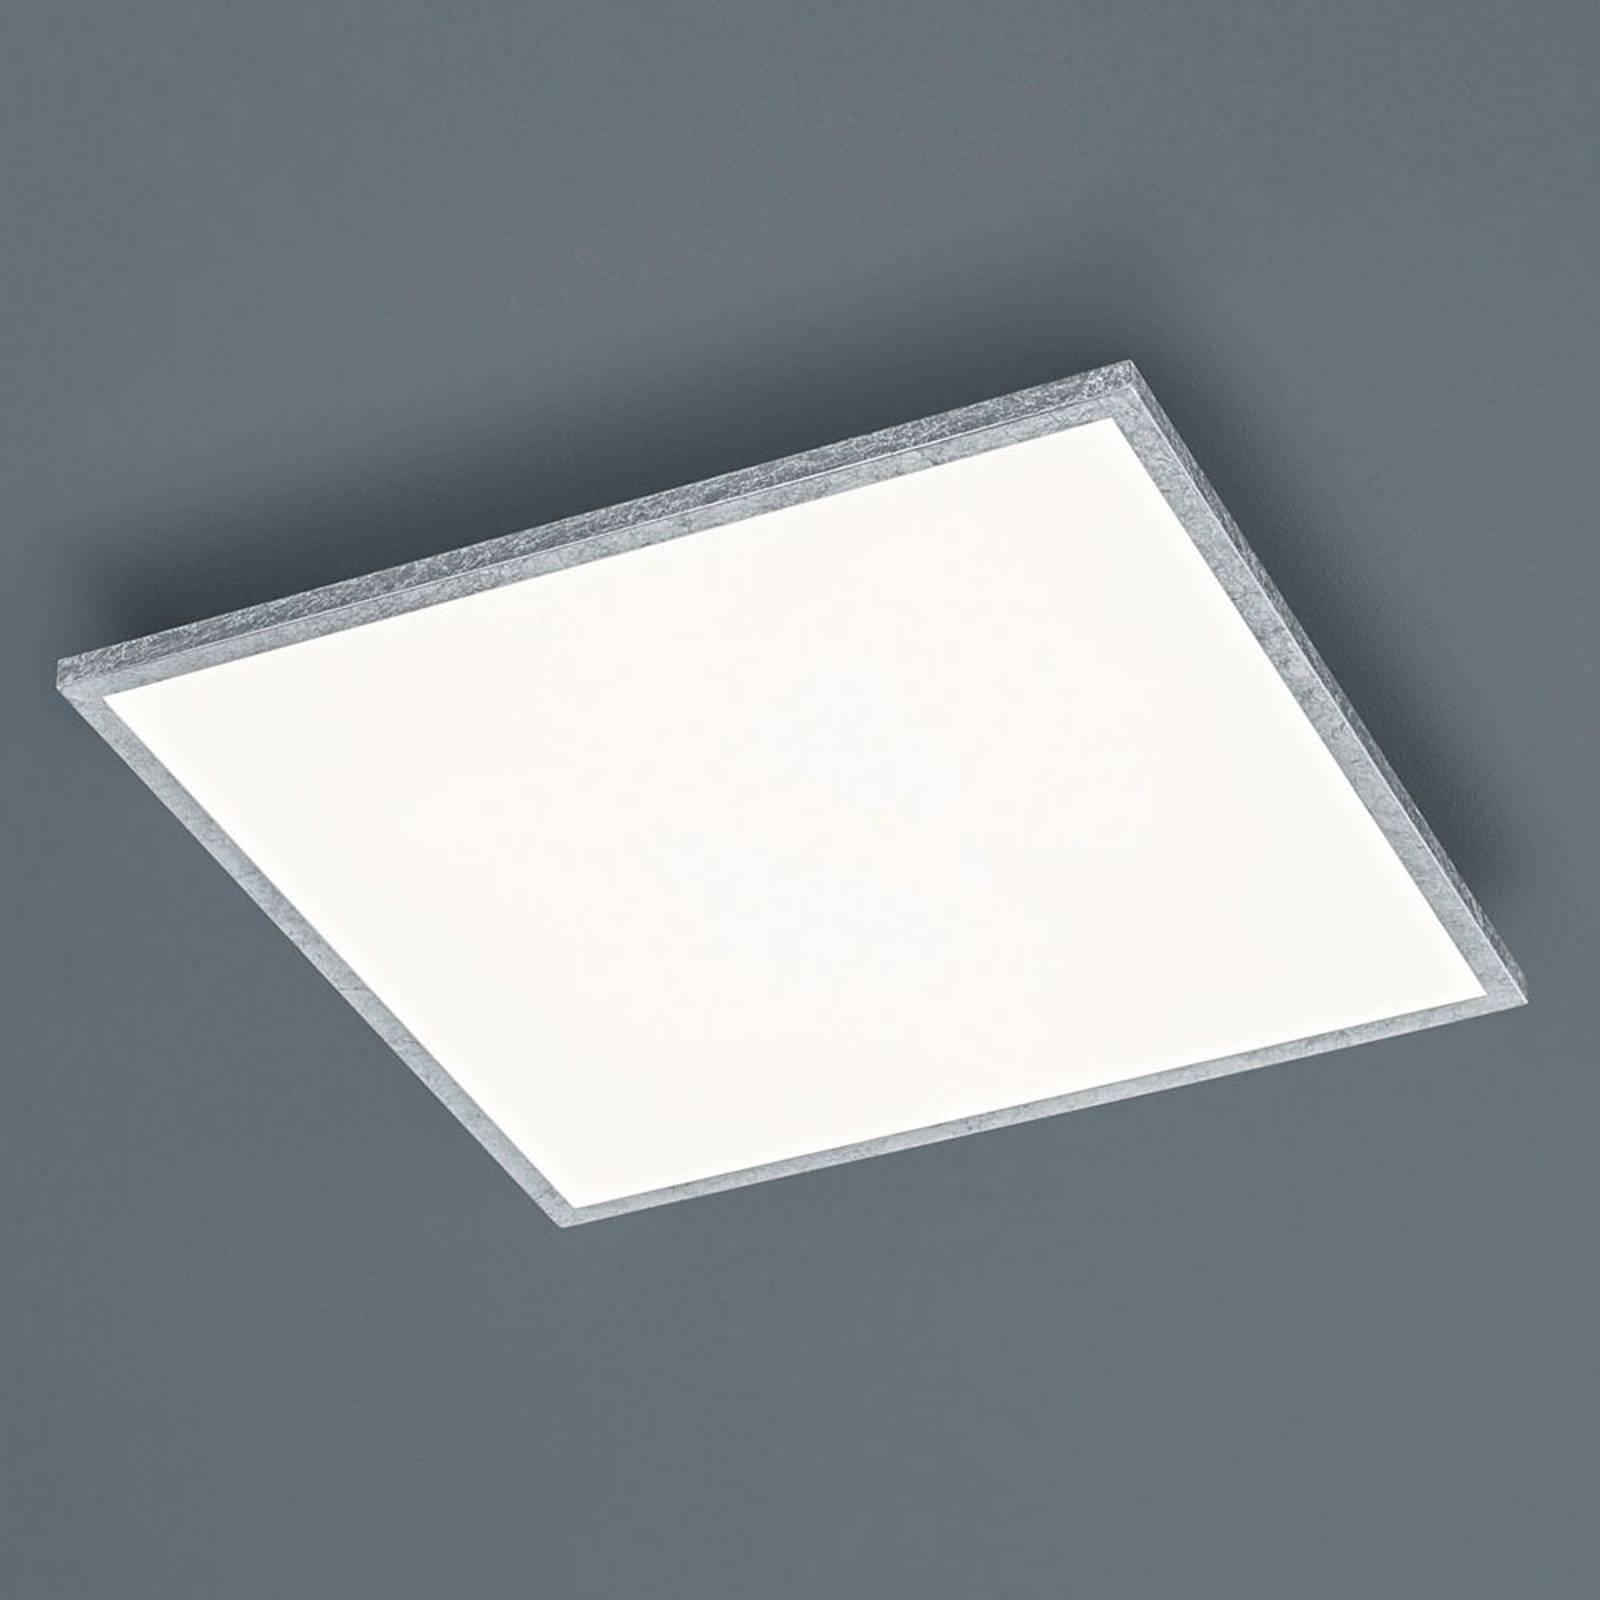 Helestra Rack LED-taklampe, dimbar, kantet, sølv